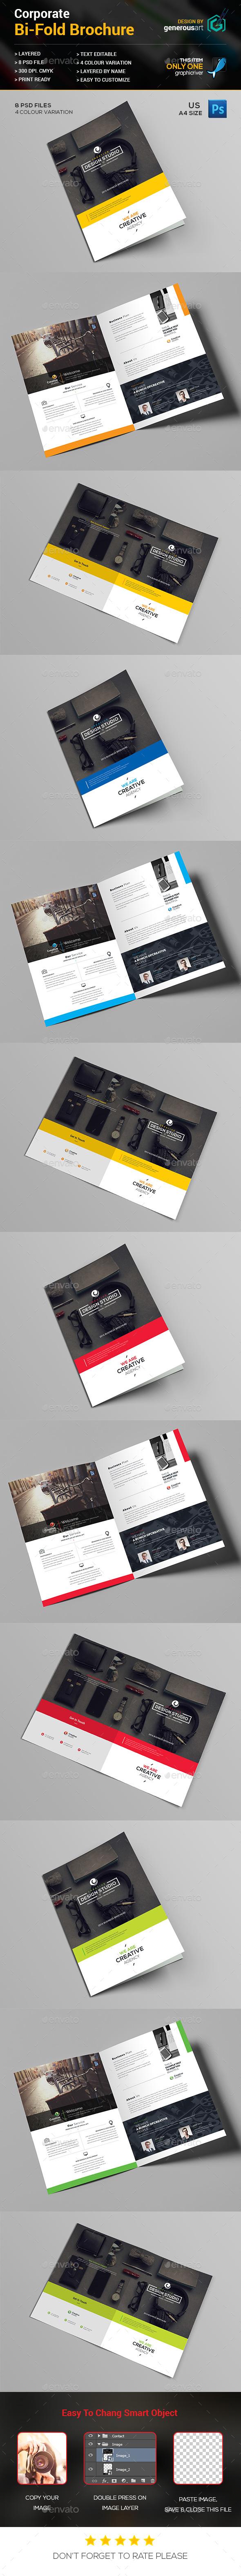 Bi-Fold Business Brochure Template - Corporate Brochures